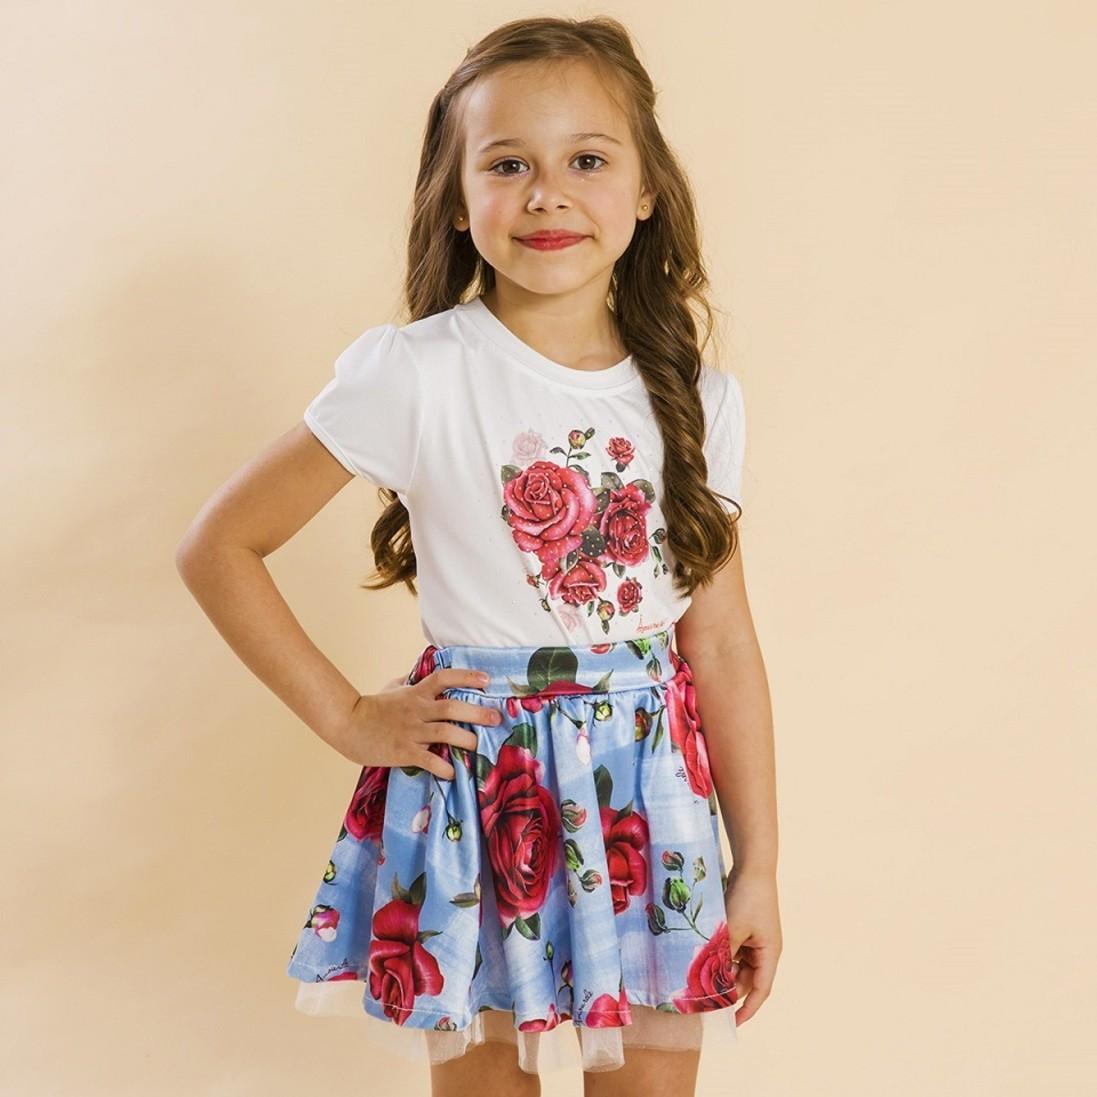 BAZAR - Conjunto Infantil Blusa e Saia Social Rosas Azul